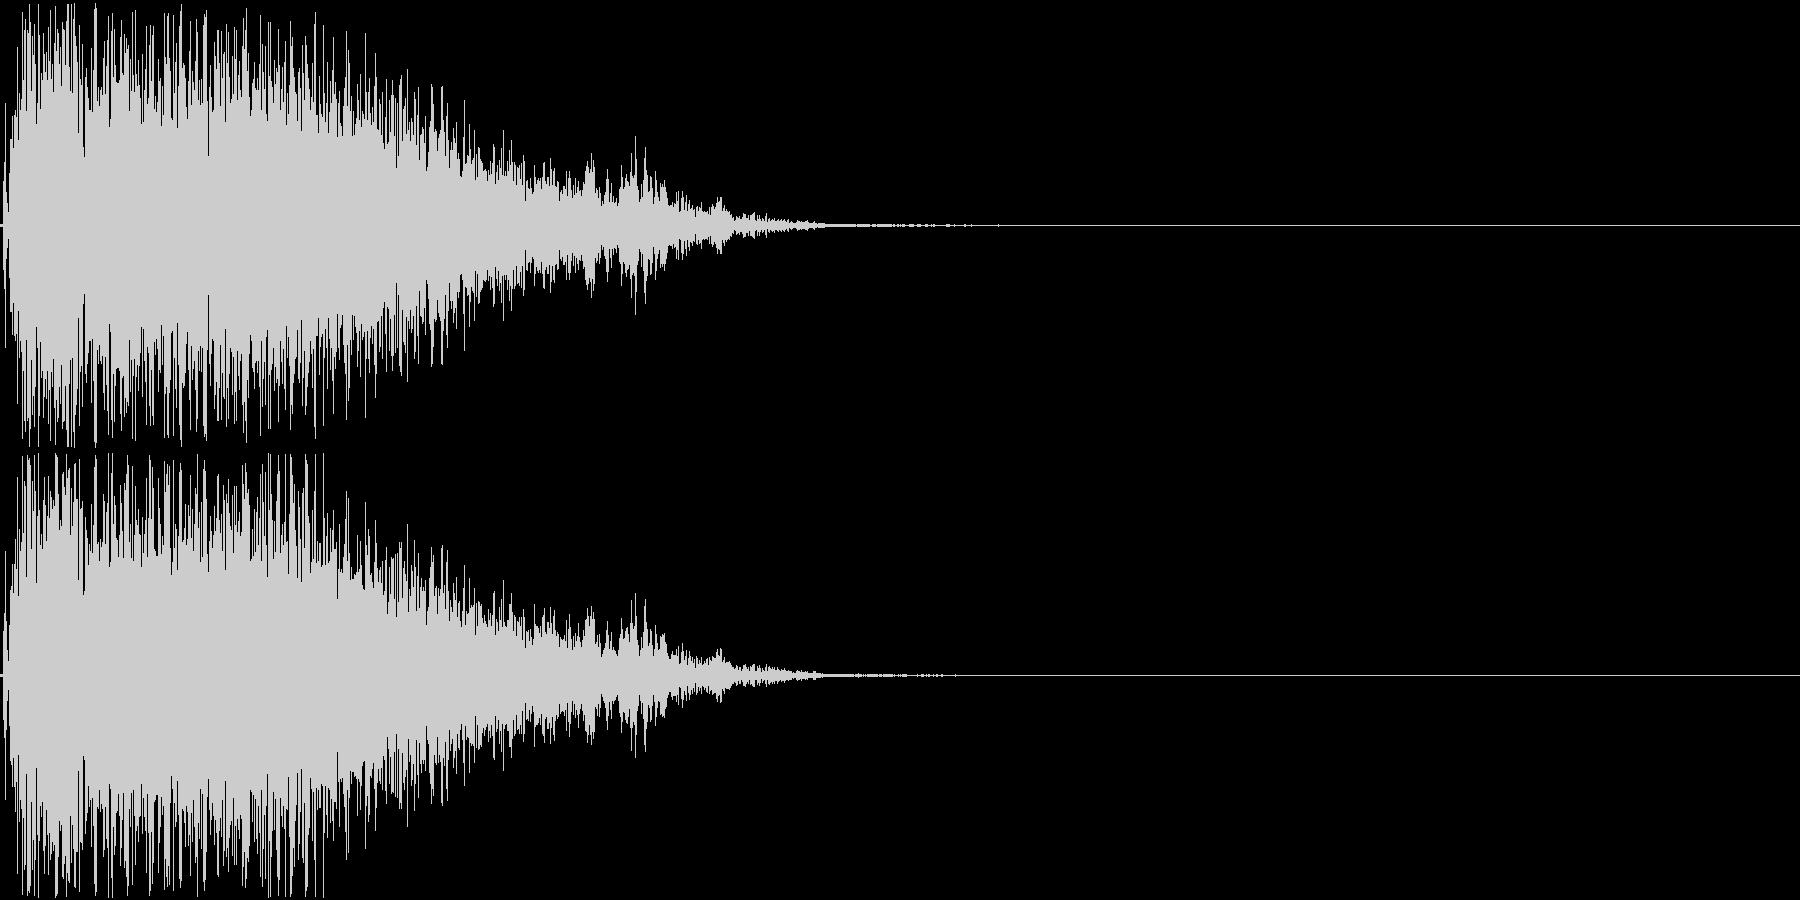 パンチ音01(プシュー)の未再生の波形